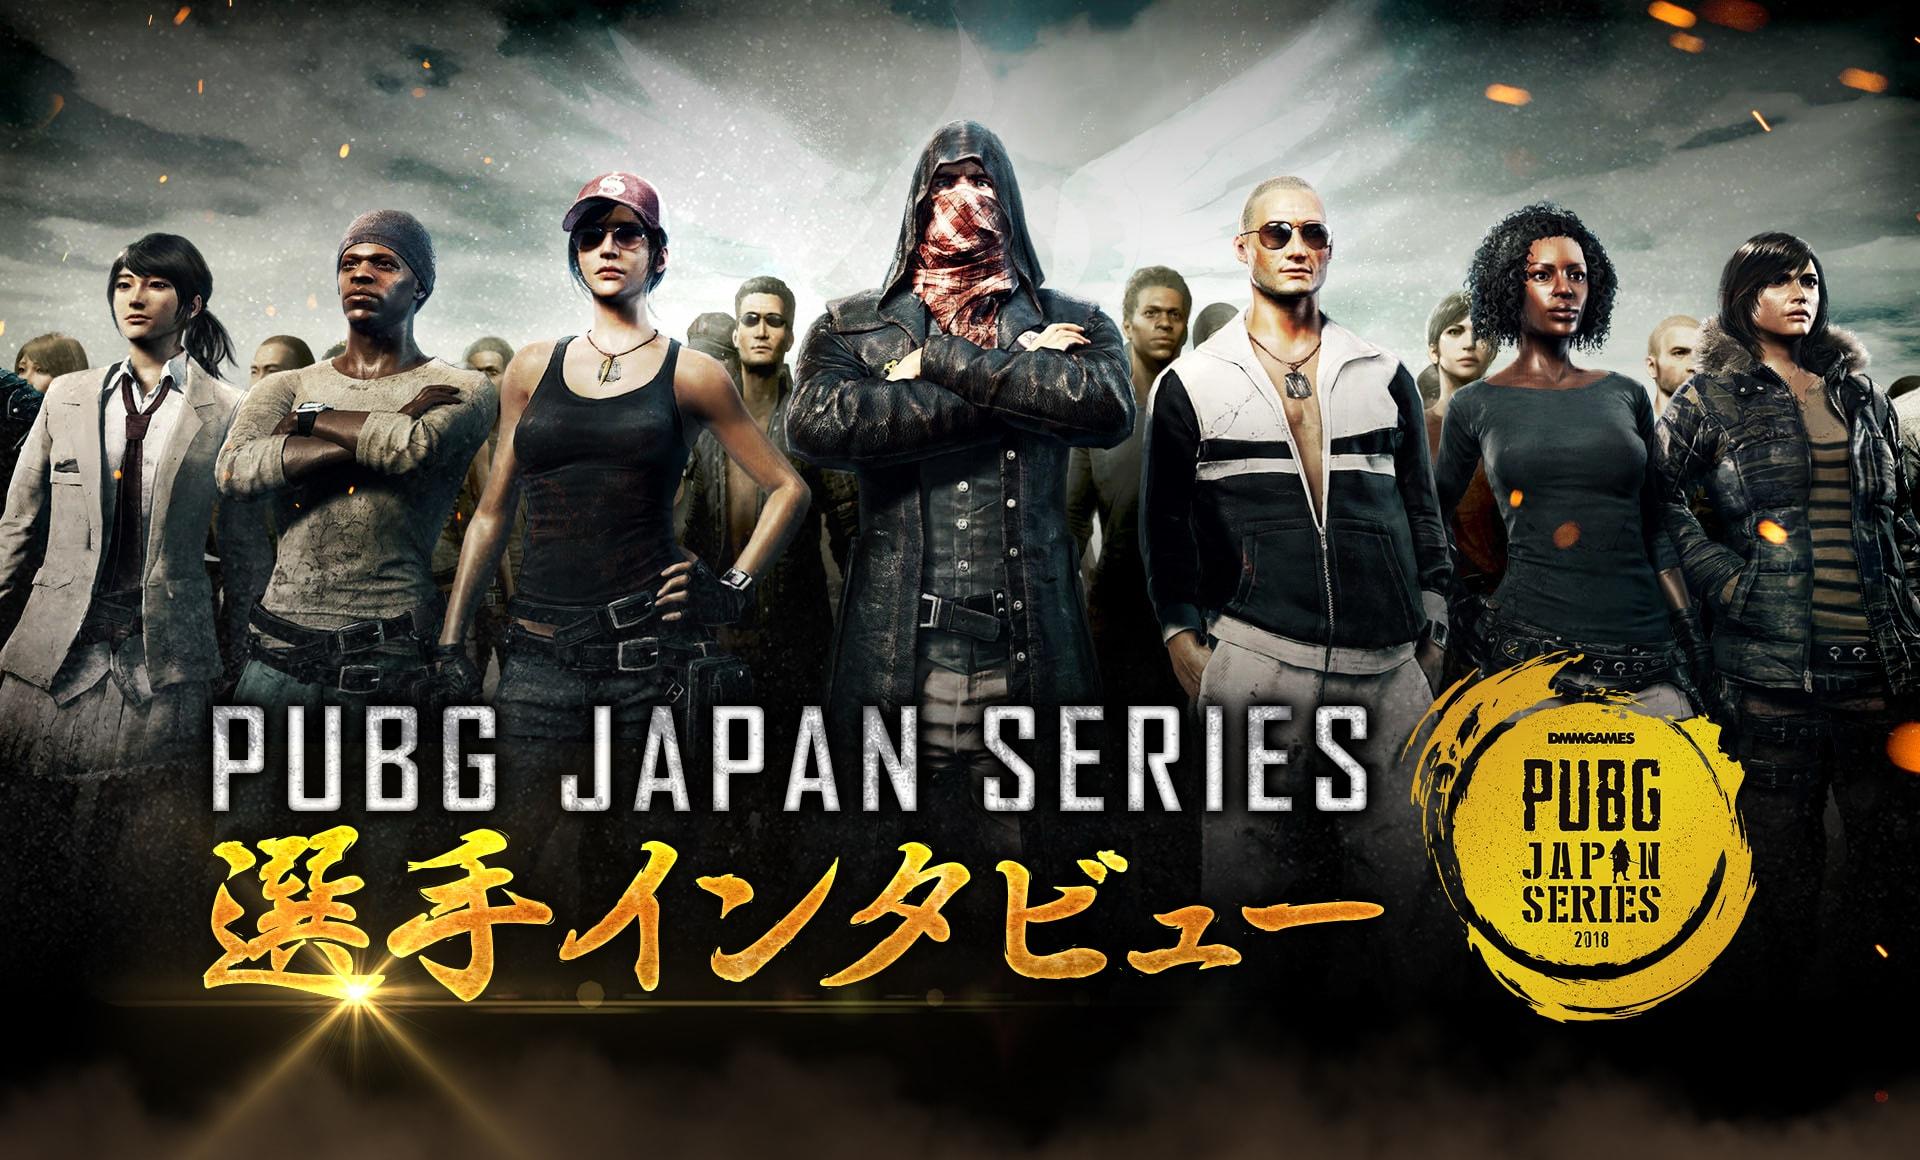 PJSαリーグ Zaphkiel Gaming選手インタビュー